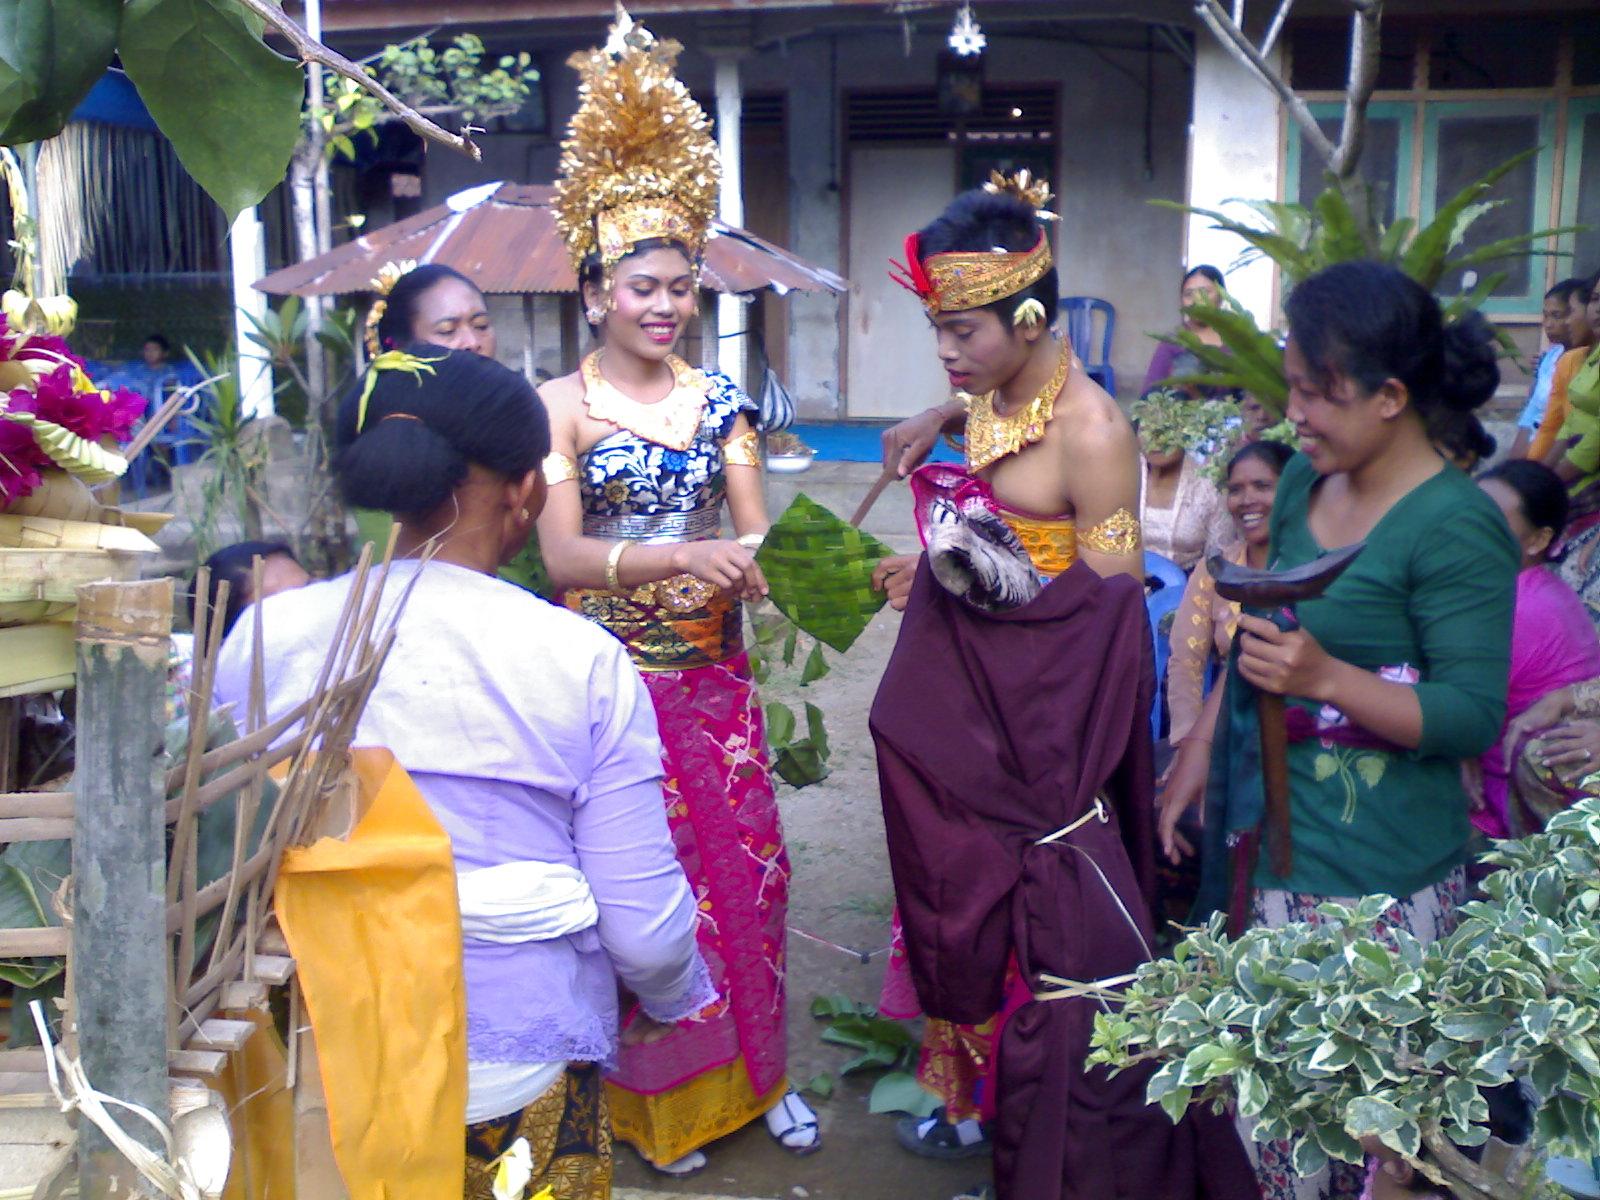 Upacara pewiwahan, Pernikahan di bali